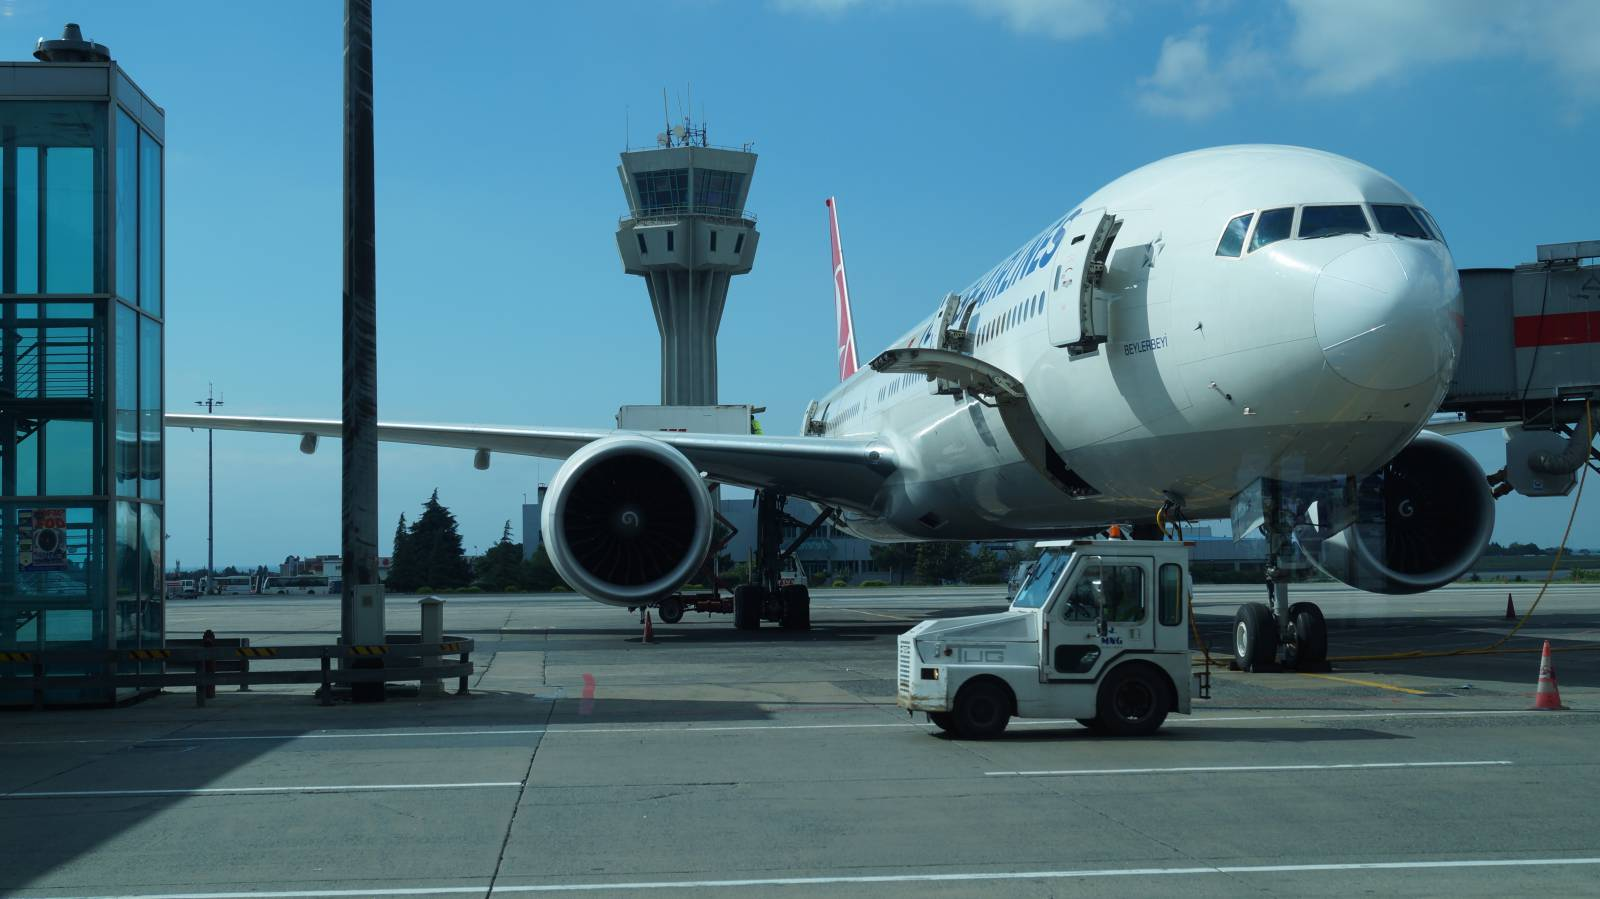 Боинг-777-300 Турецких авиалиний в аэропорту Стамбул Ататюрк